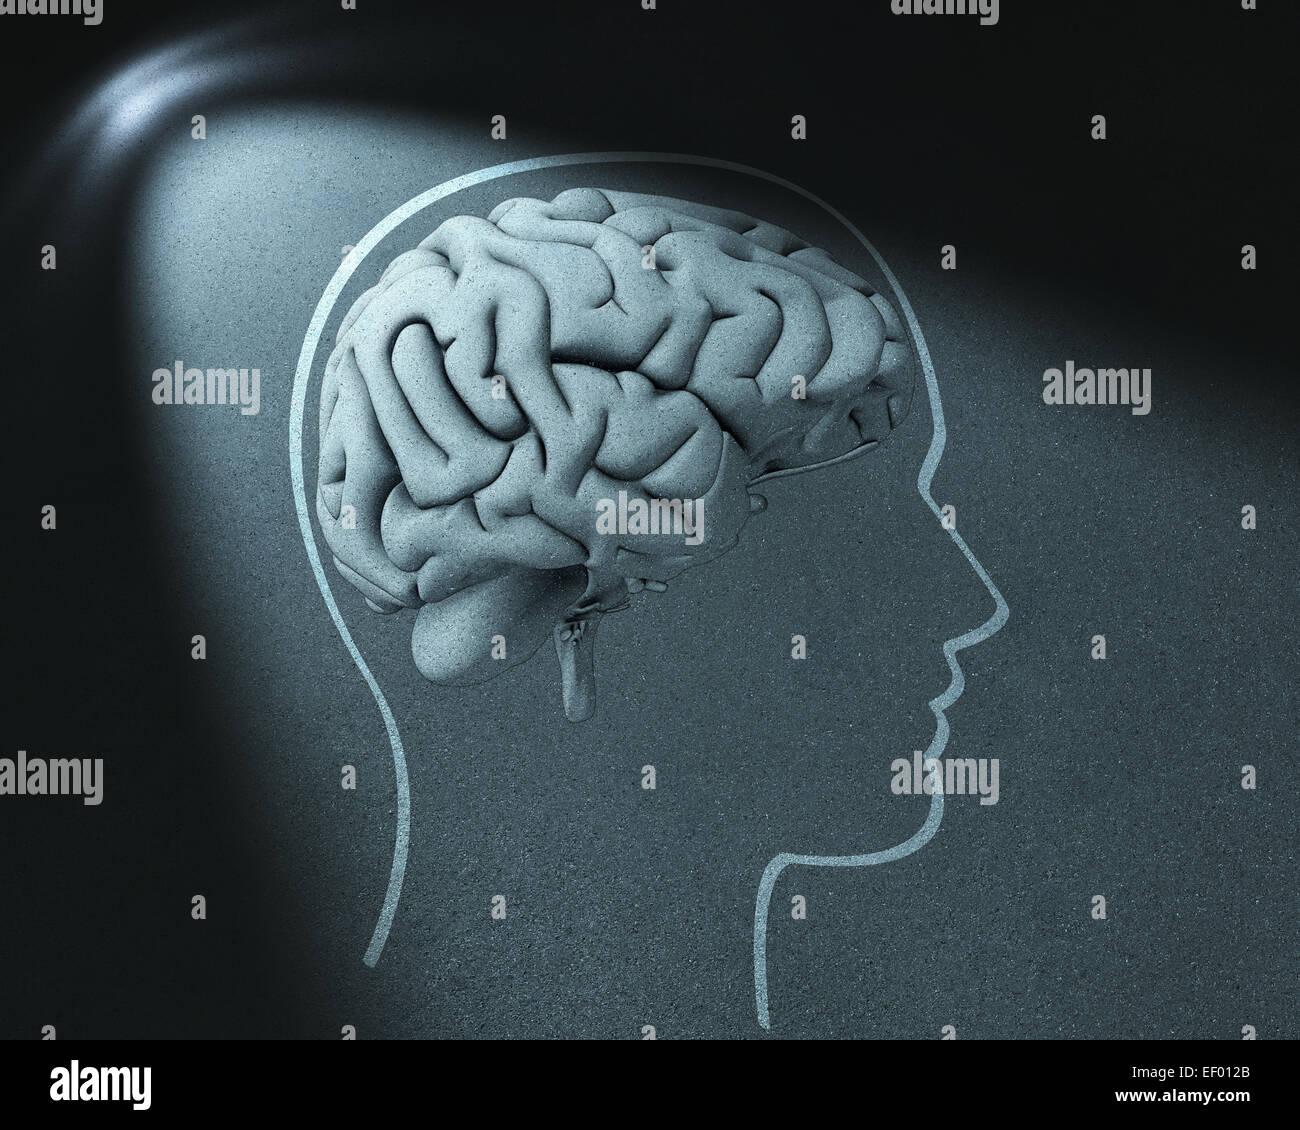 Dibujo de cabeza y cerebro en punto de luz Imagen De Stock